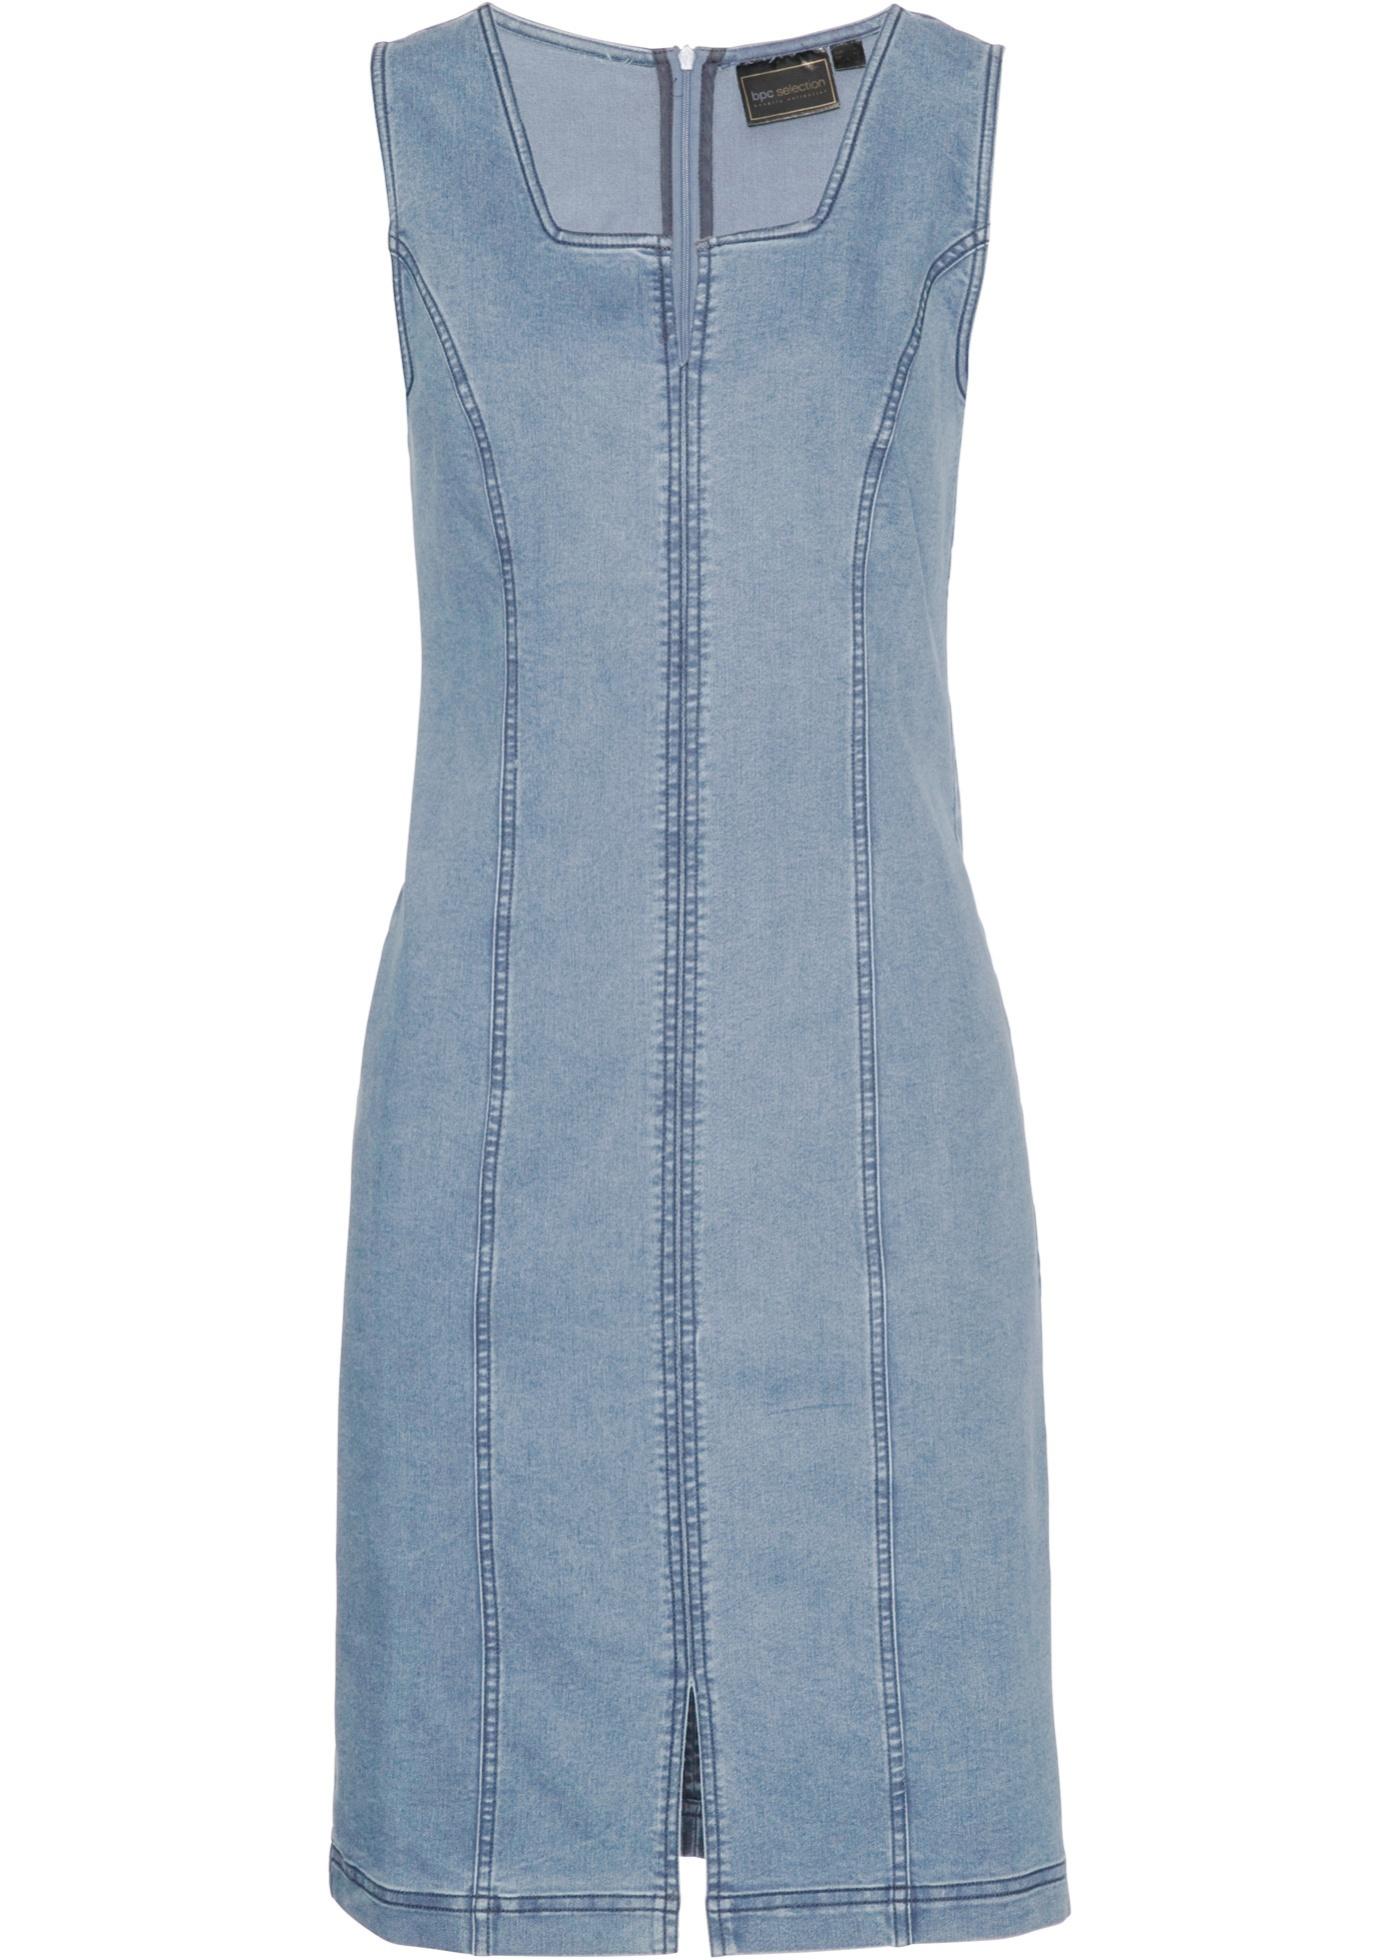 Jeanskleid ohne Ärmel  in blau (Carré-Ausschnitt) für Damen von bonprix